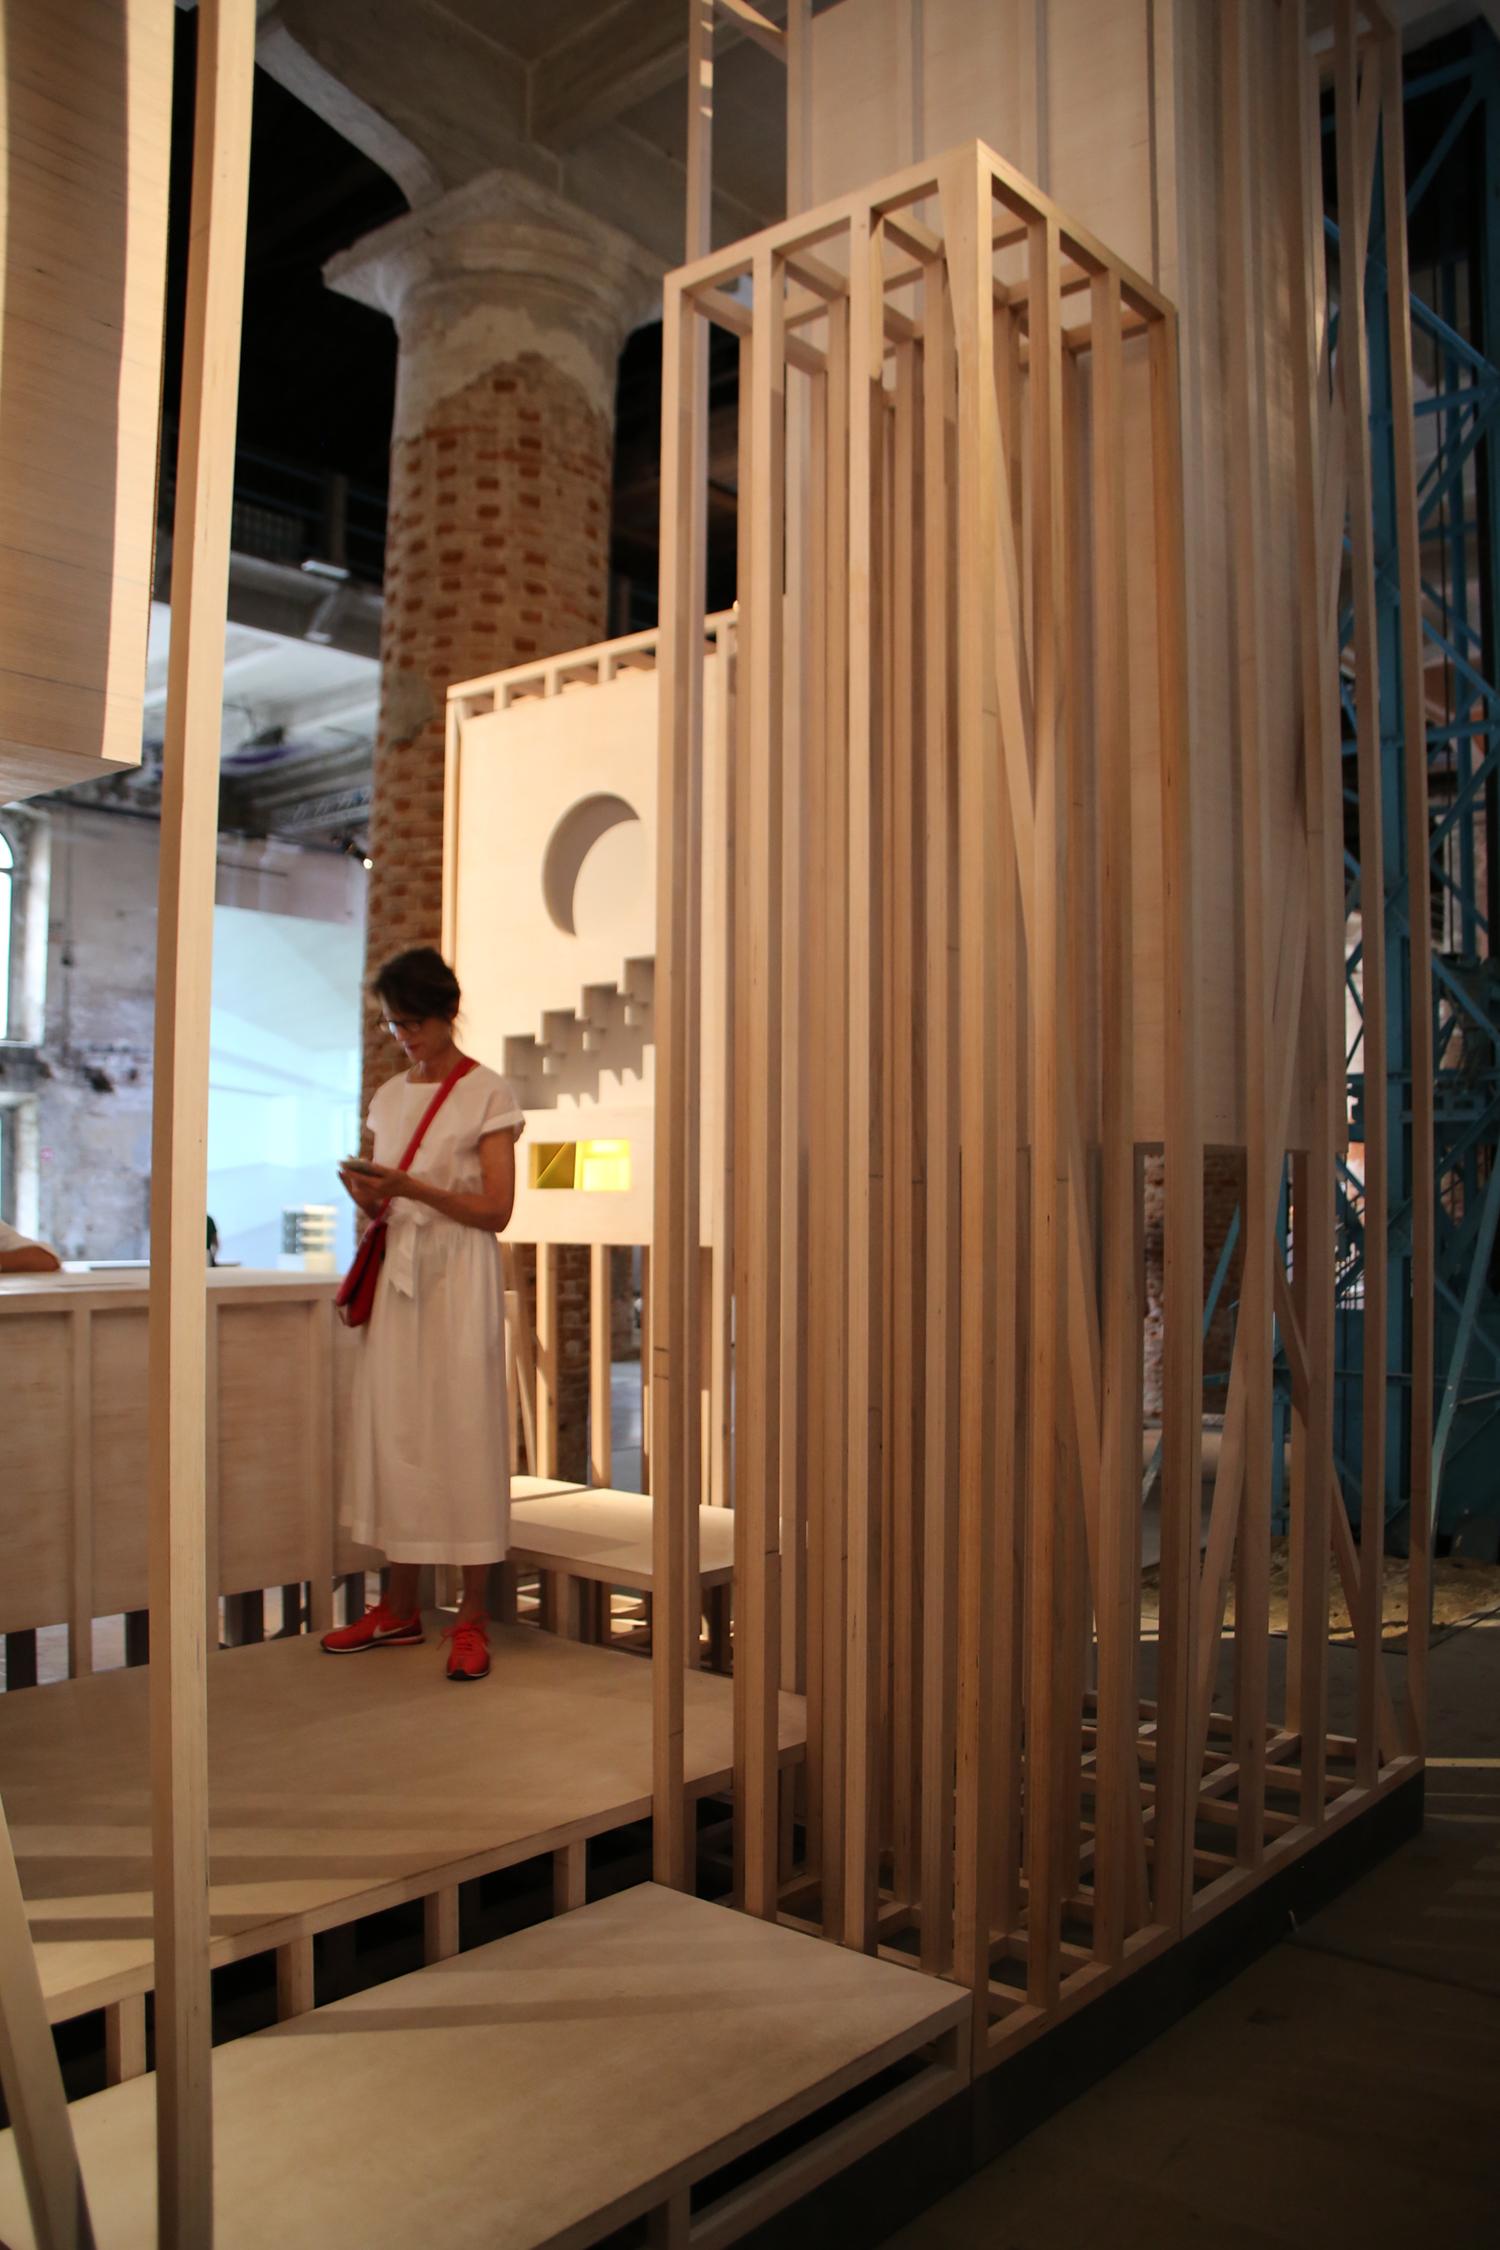 biennale architecture venise 2018 464.JPG